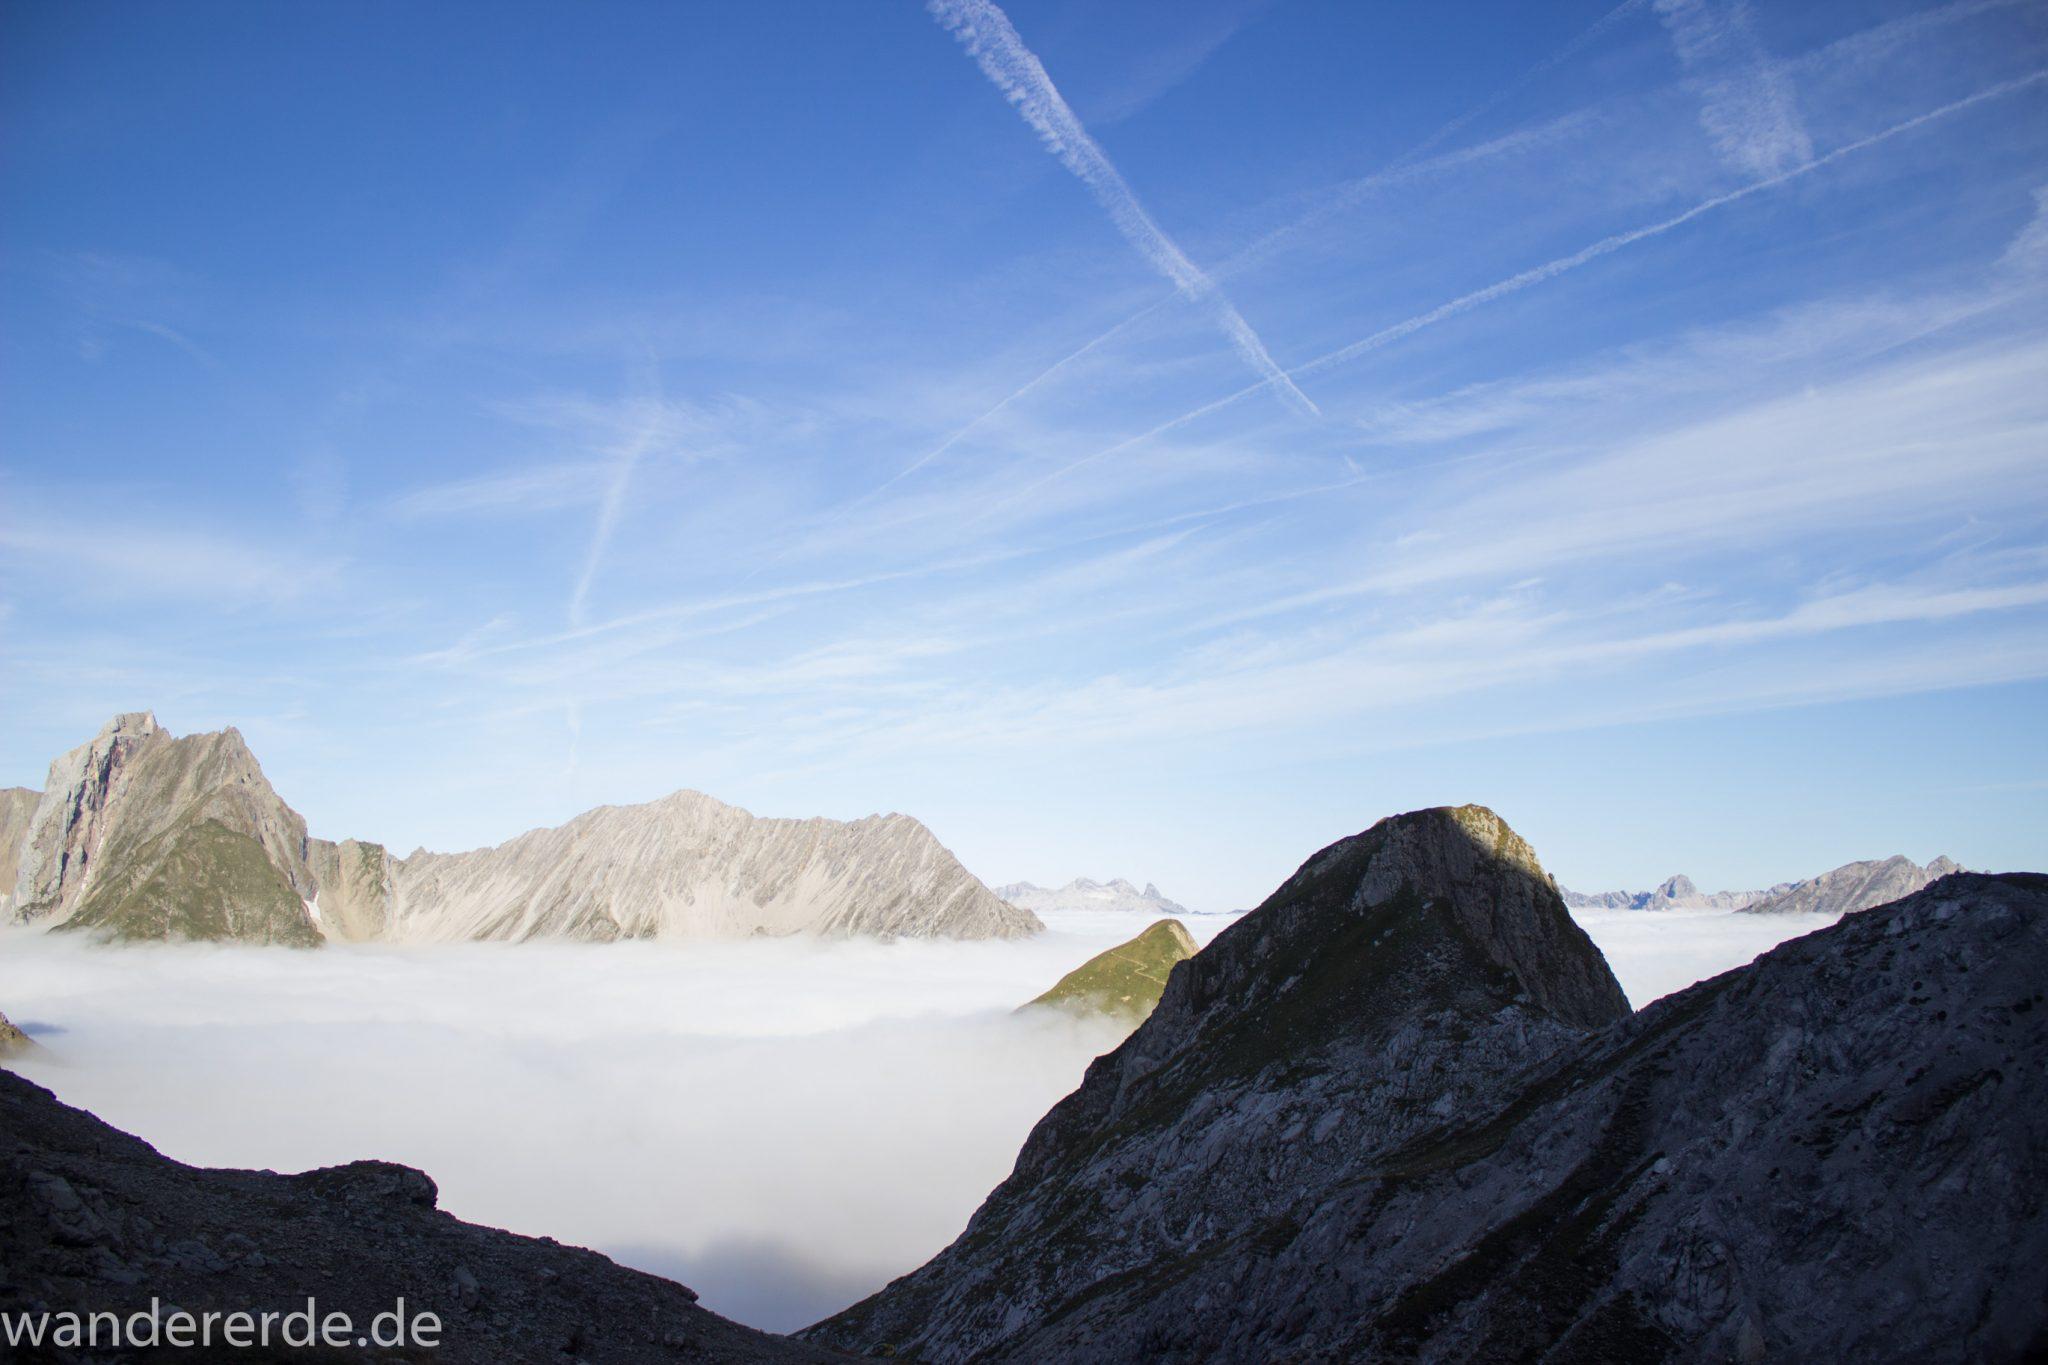 Alpenüberquerung Fernwanderweg E5 Oberstdorf Meran, 3. Etappe von Memminger Hütte zur Skihütte Zams, Berge sind am frühen Morgen noch in Nebel getaucht, aber die Sonne scheint, herrliches Wetter zum Wandern, E5 Wanderweg führt zu Beginn der dritten Etappe ab der Memminger Hütte über steilen und ausgesetzten Wanderweg über die Seescharte, ringsum Aussicht auf Berge der Alpen